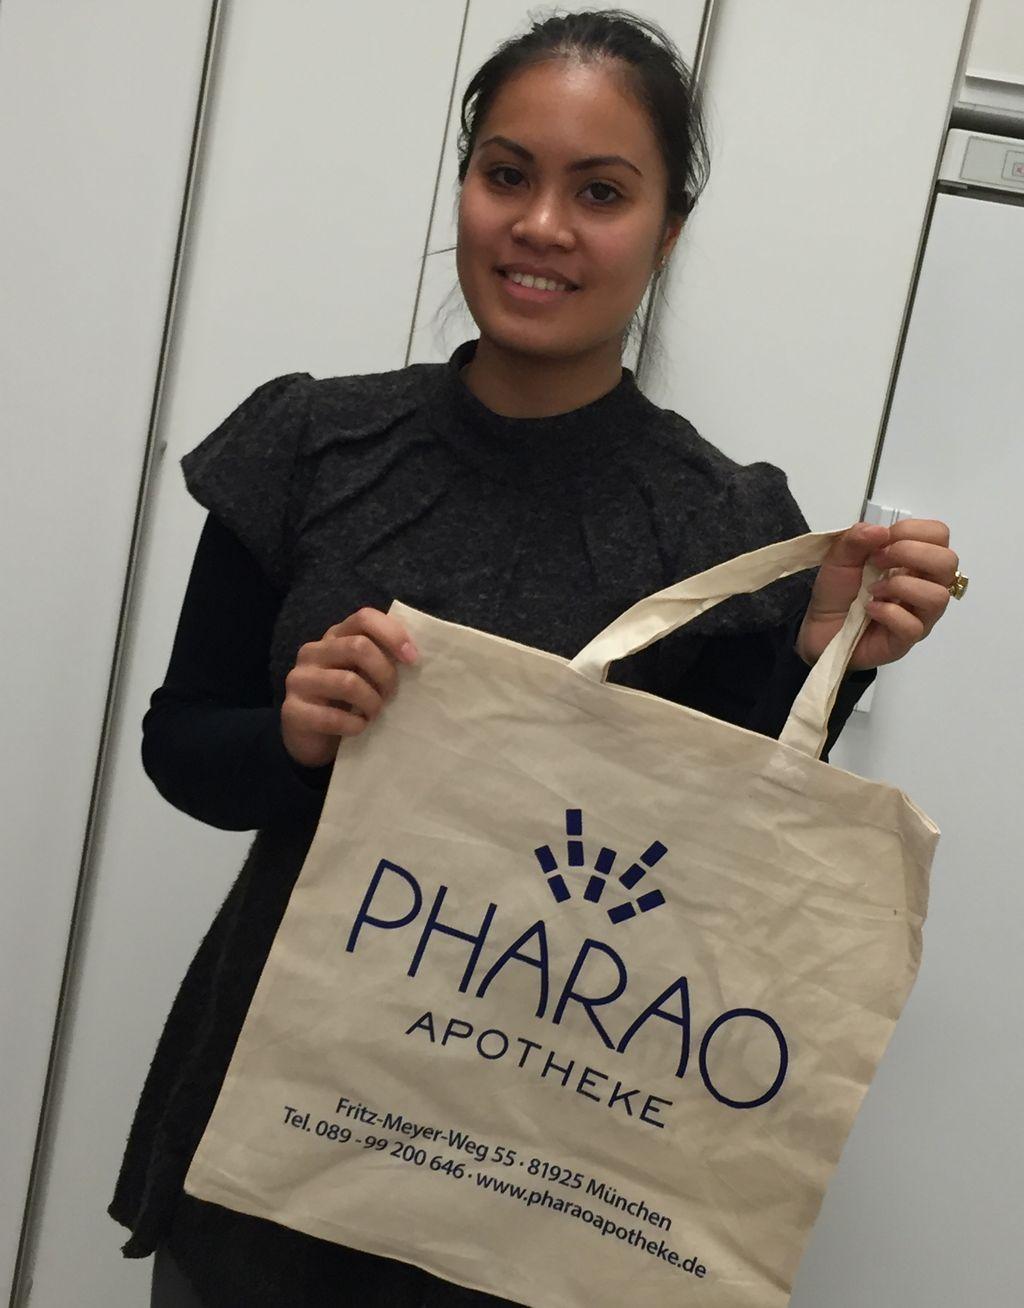 Unsere Mitarbeiterin Chawihan Jariya mit unseren neuen Baumwolltaschen.